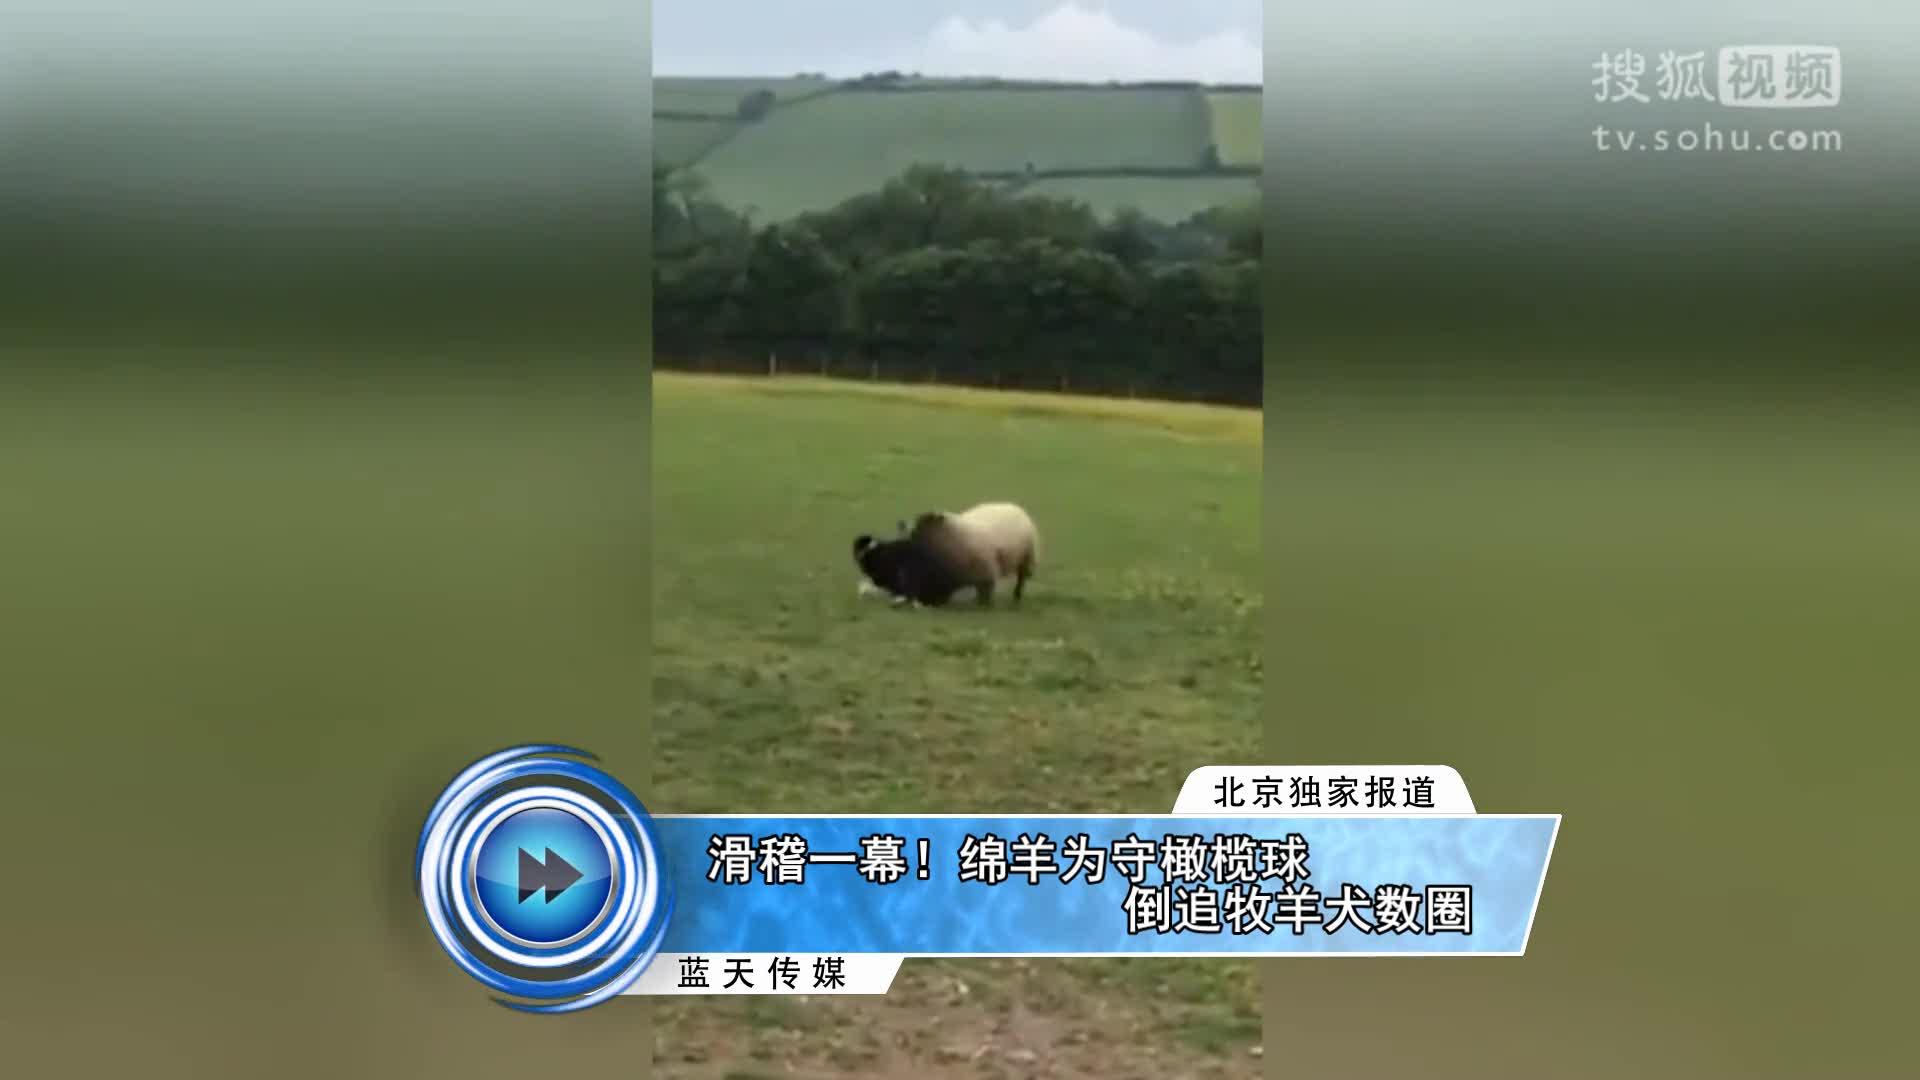 滑稽一幕!绵羊为守橄榄球倒追牧羊犬数圈